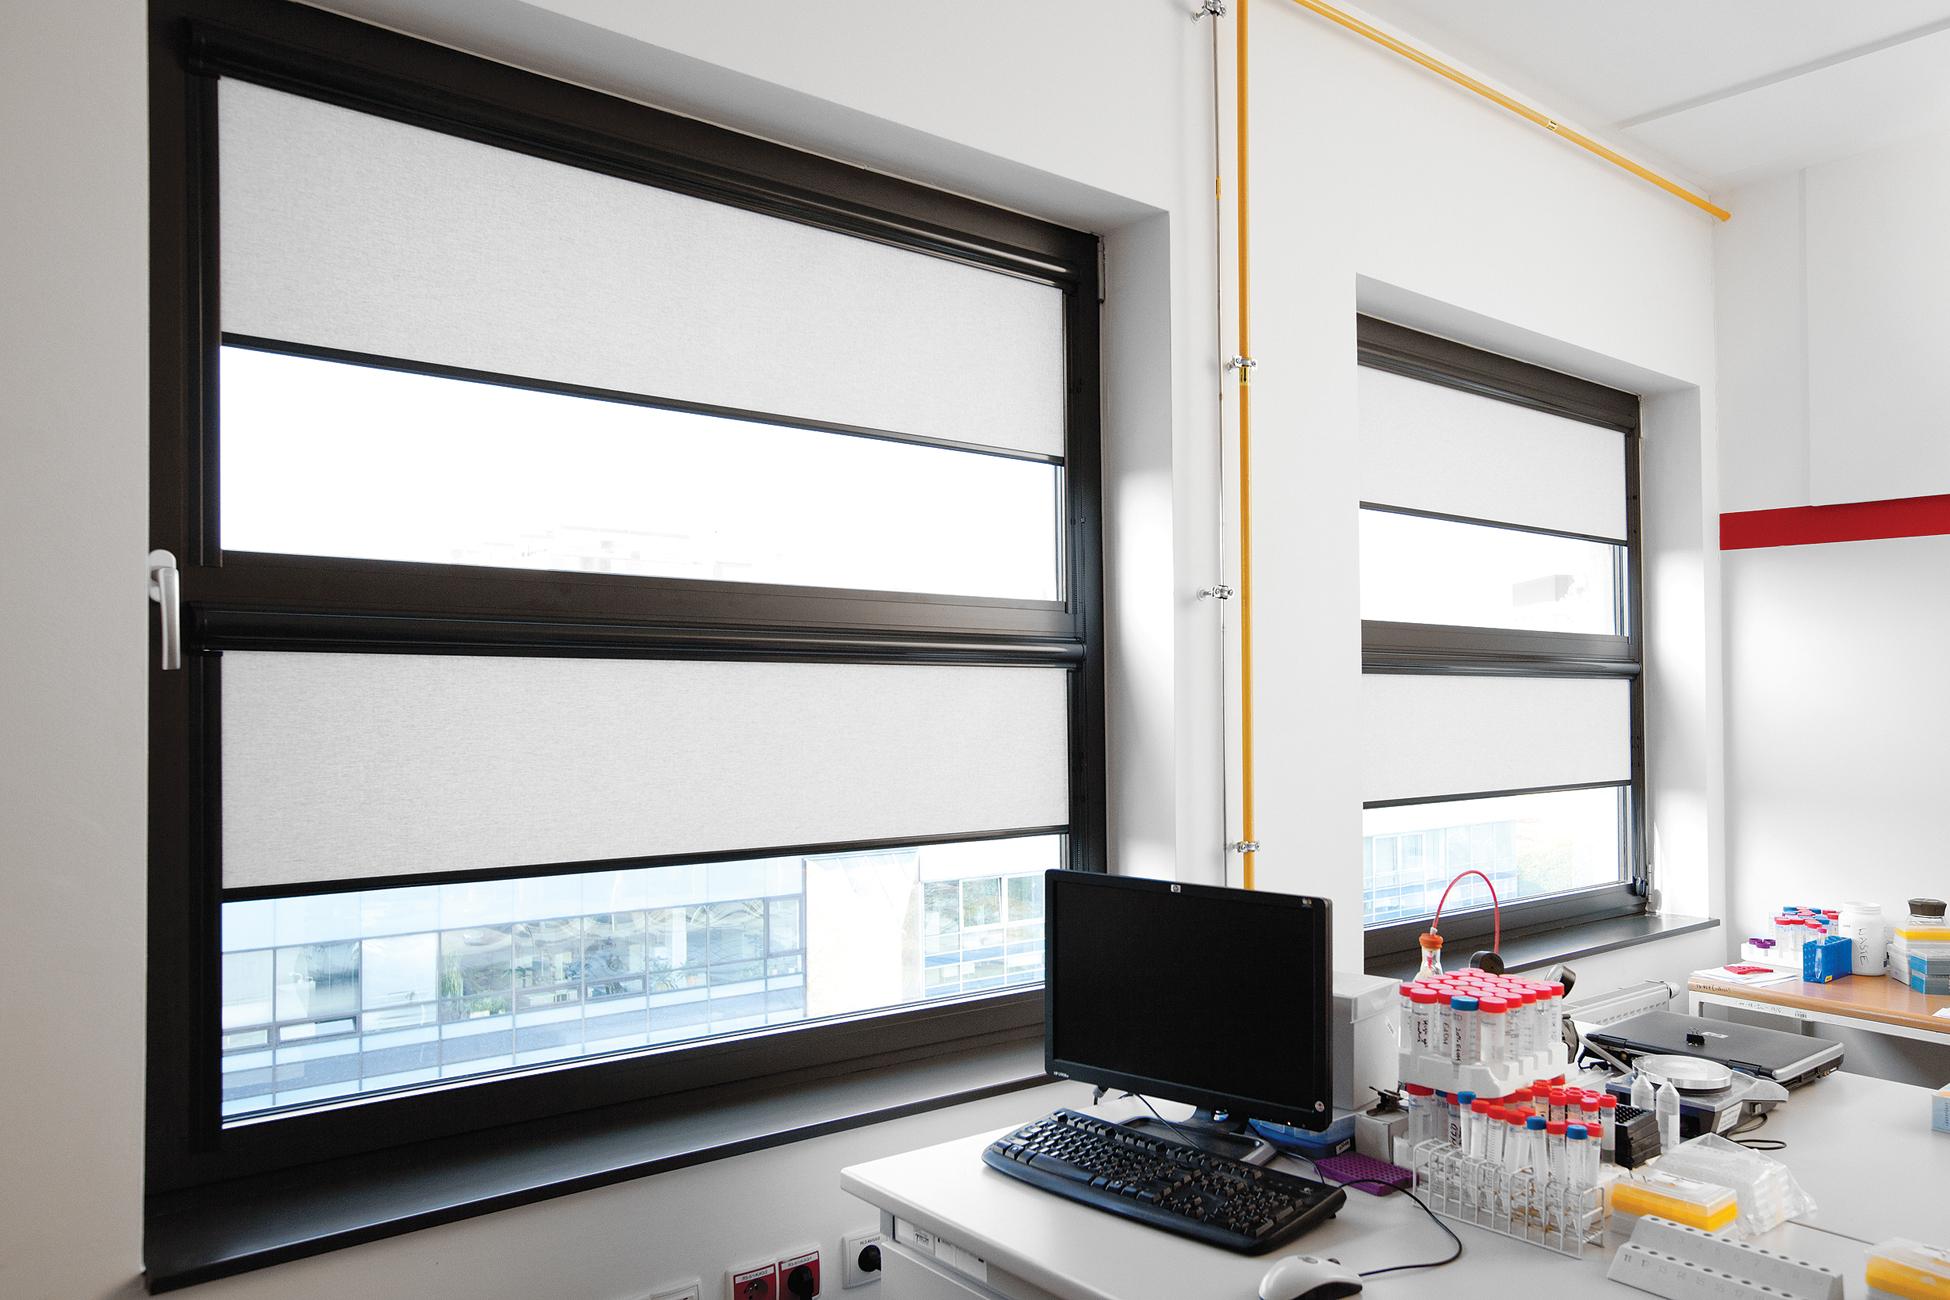 Rolety wewnętrzne w kasecie zapewniają optymalne warunki do pracy w biurze.